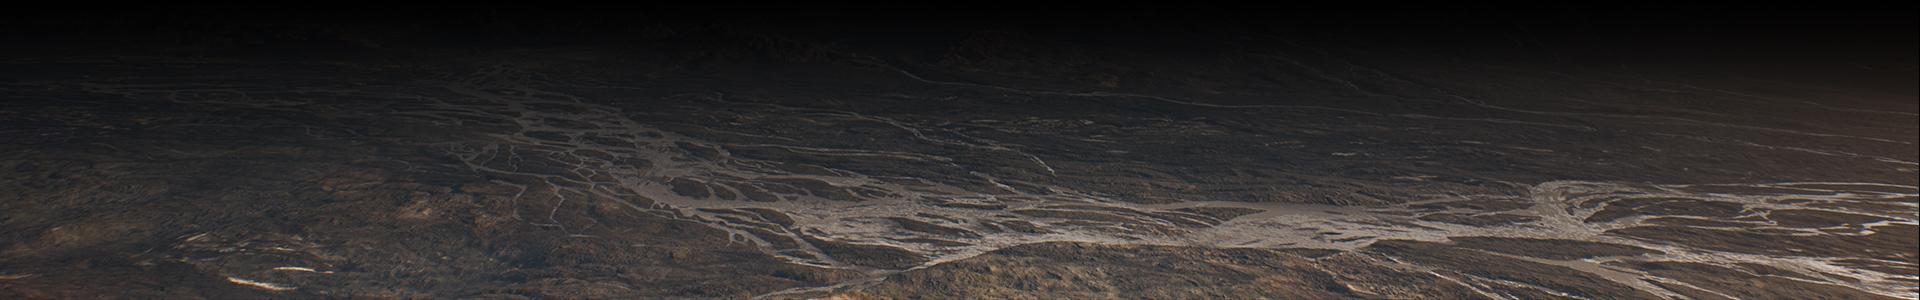 En dal vid foten av ett berg sedd ovanifrån